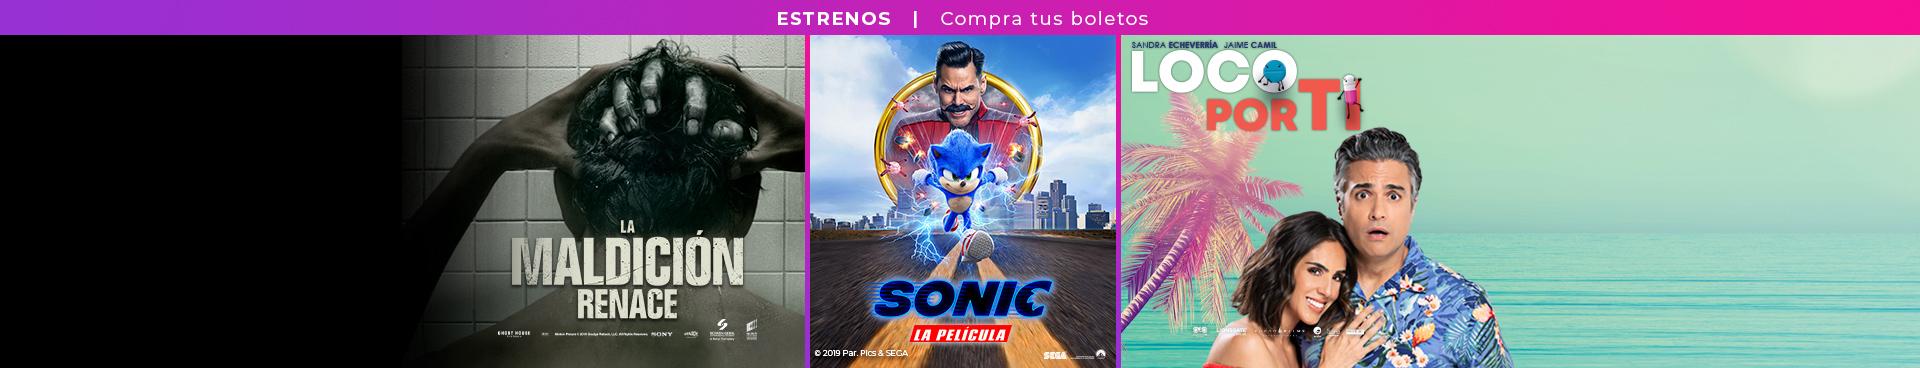 Estrenos La maldicion / Sonic la película / Loco por ti